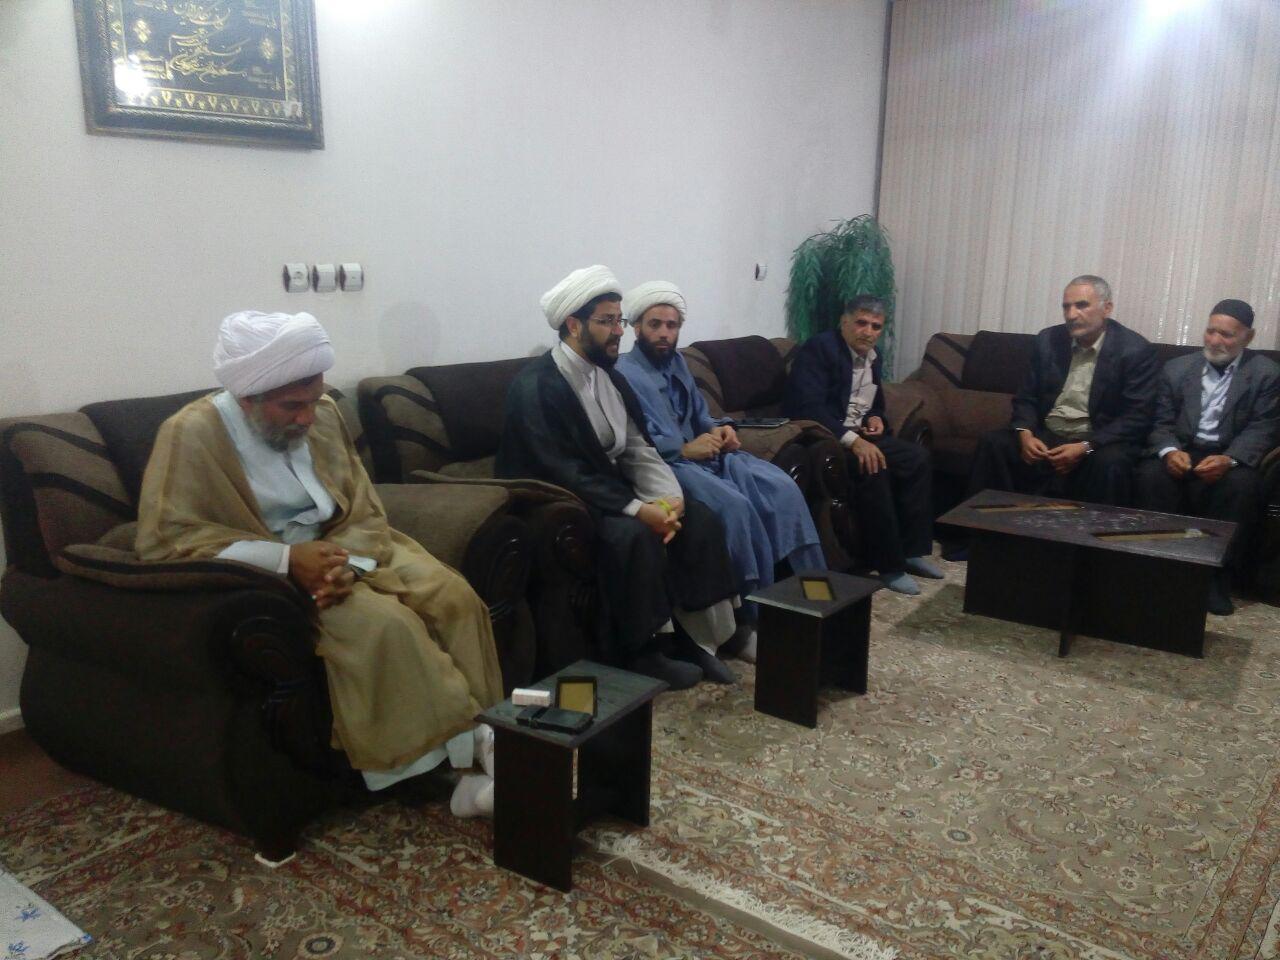 جلسه خیرین برای جمع اوری کمک های نقدی و اجناس برای مرکز نیکوکاری مسجد بلال با حضور و سخنرانی امام جم